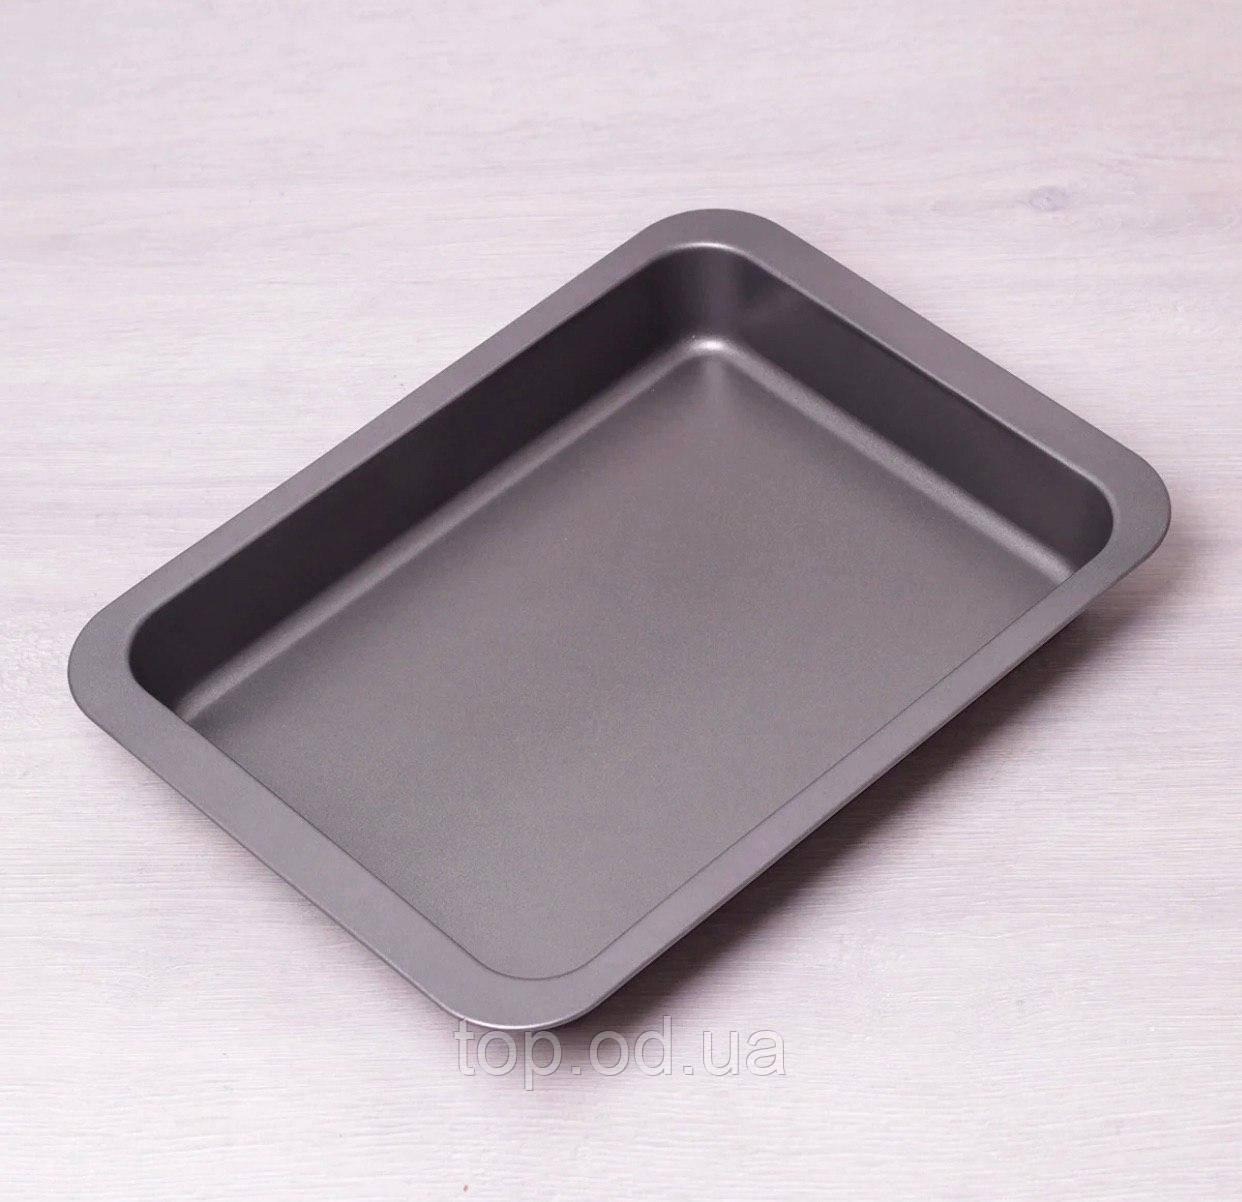 6010  Форма для запекания Kamille 36.5*27.5*4.5см из углеродистой стали